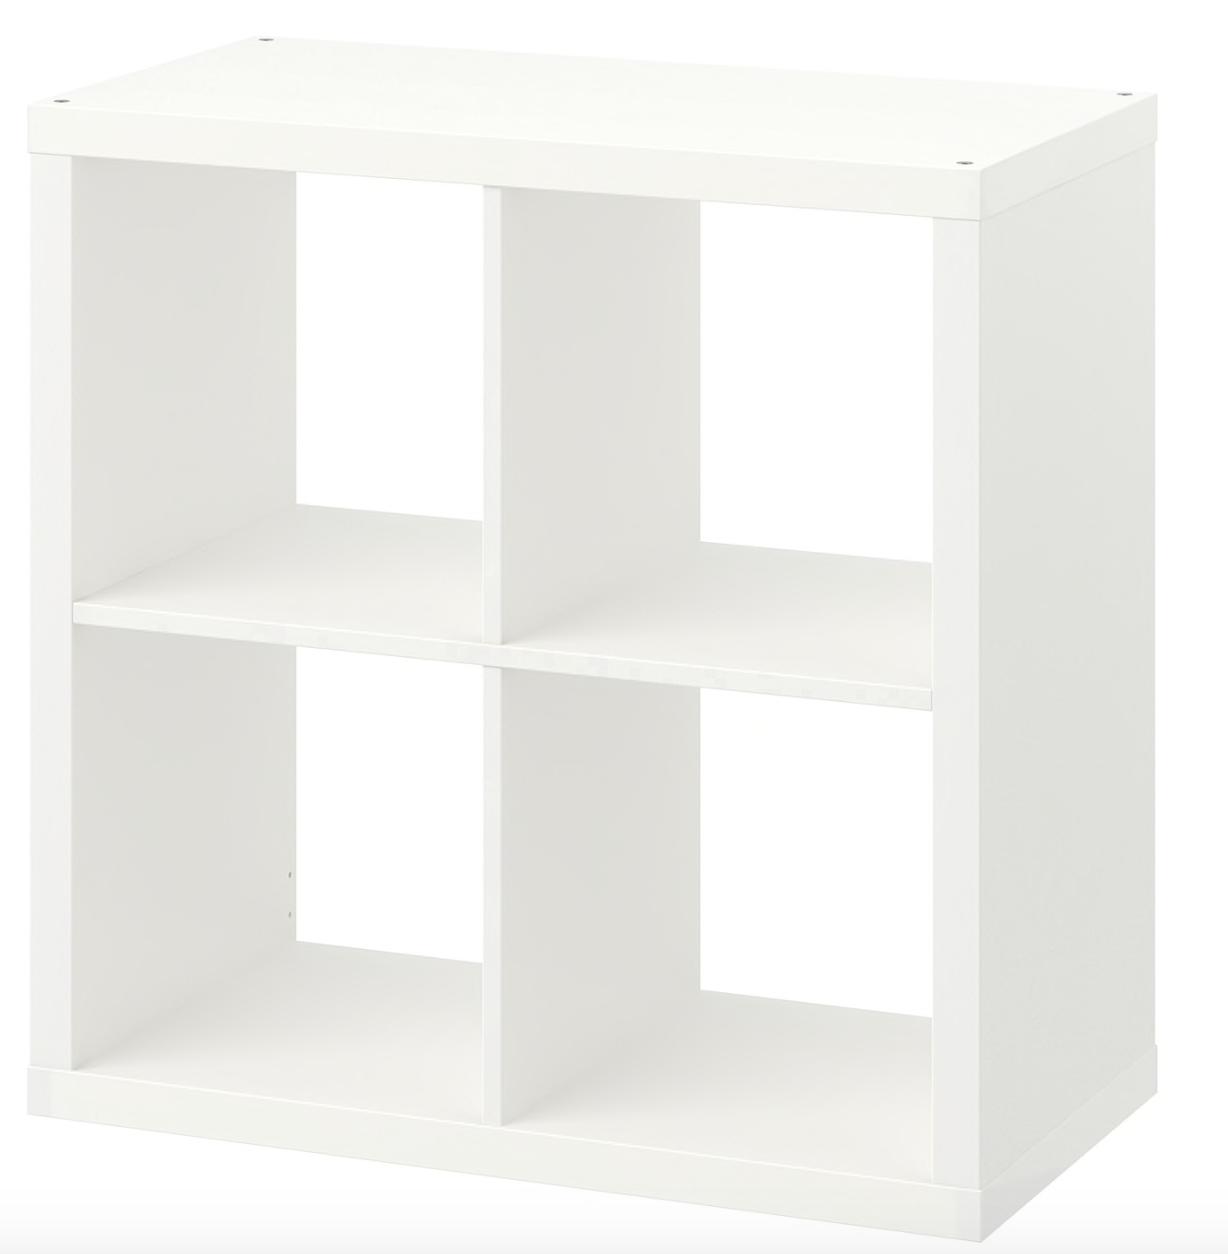 Ikea Kallax Regal Weiss 77 X 77 X 39cm Bucherregal